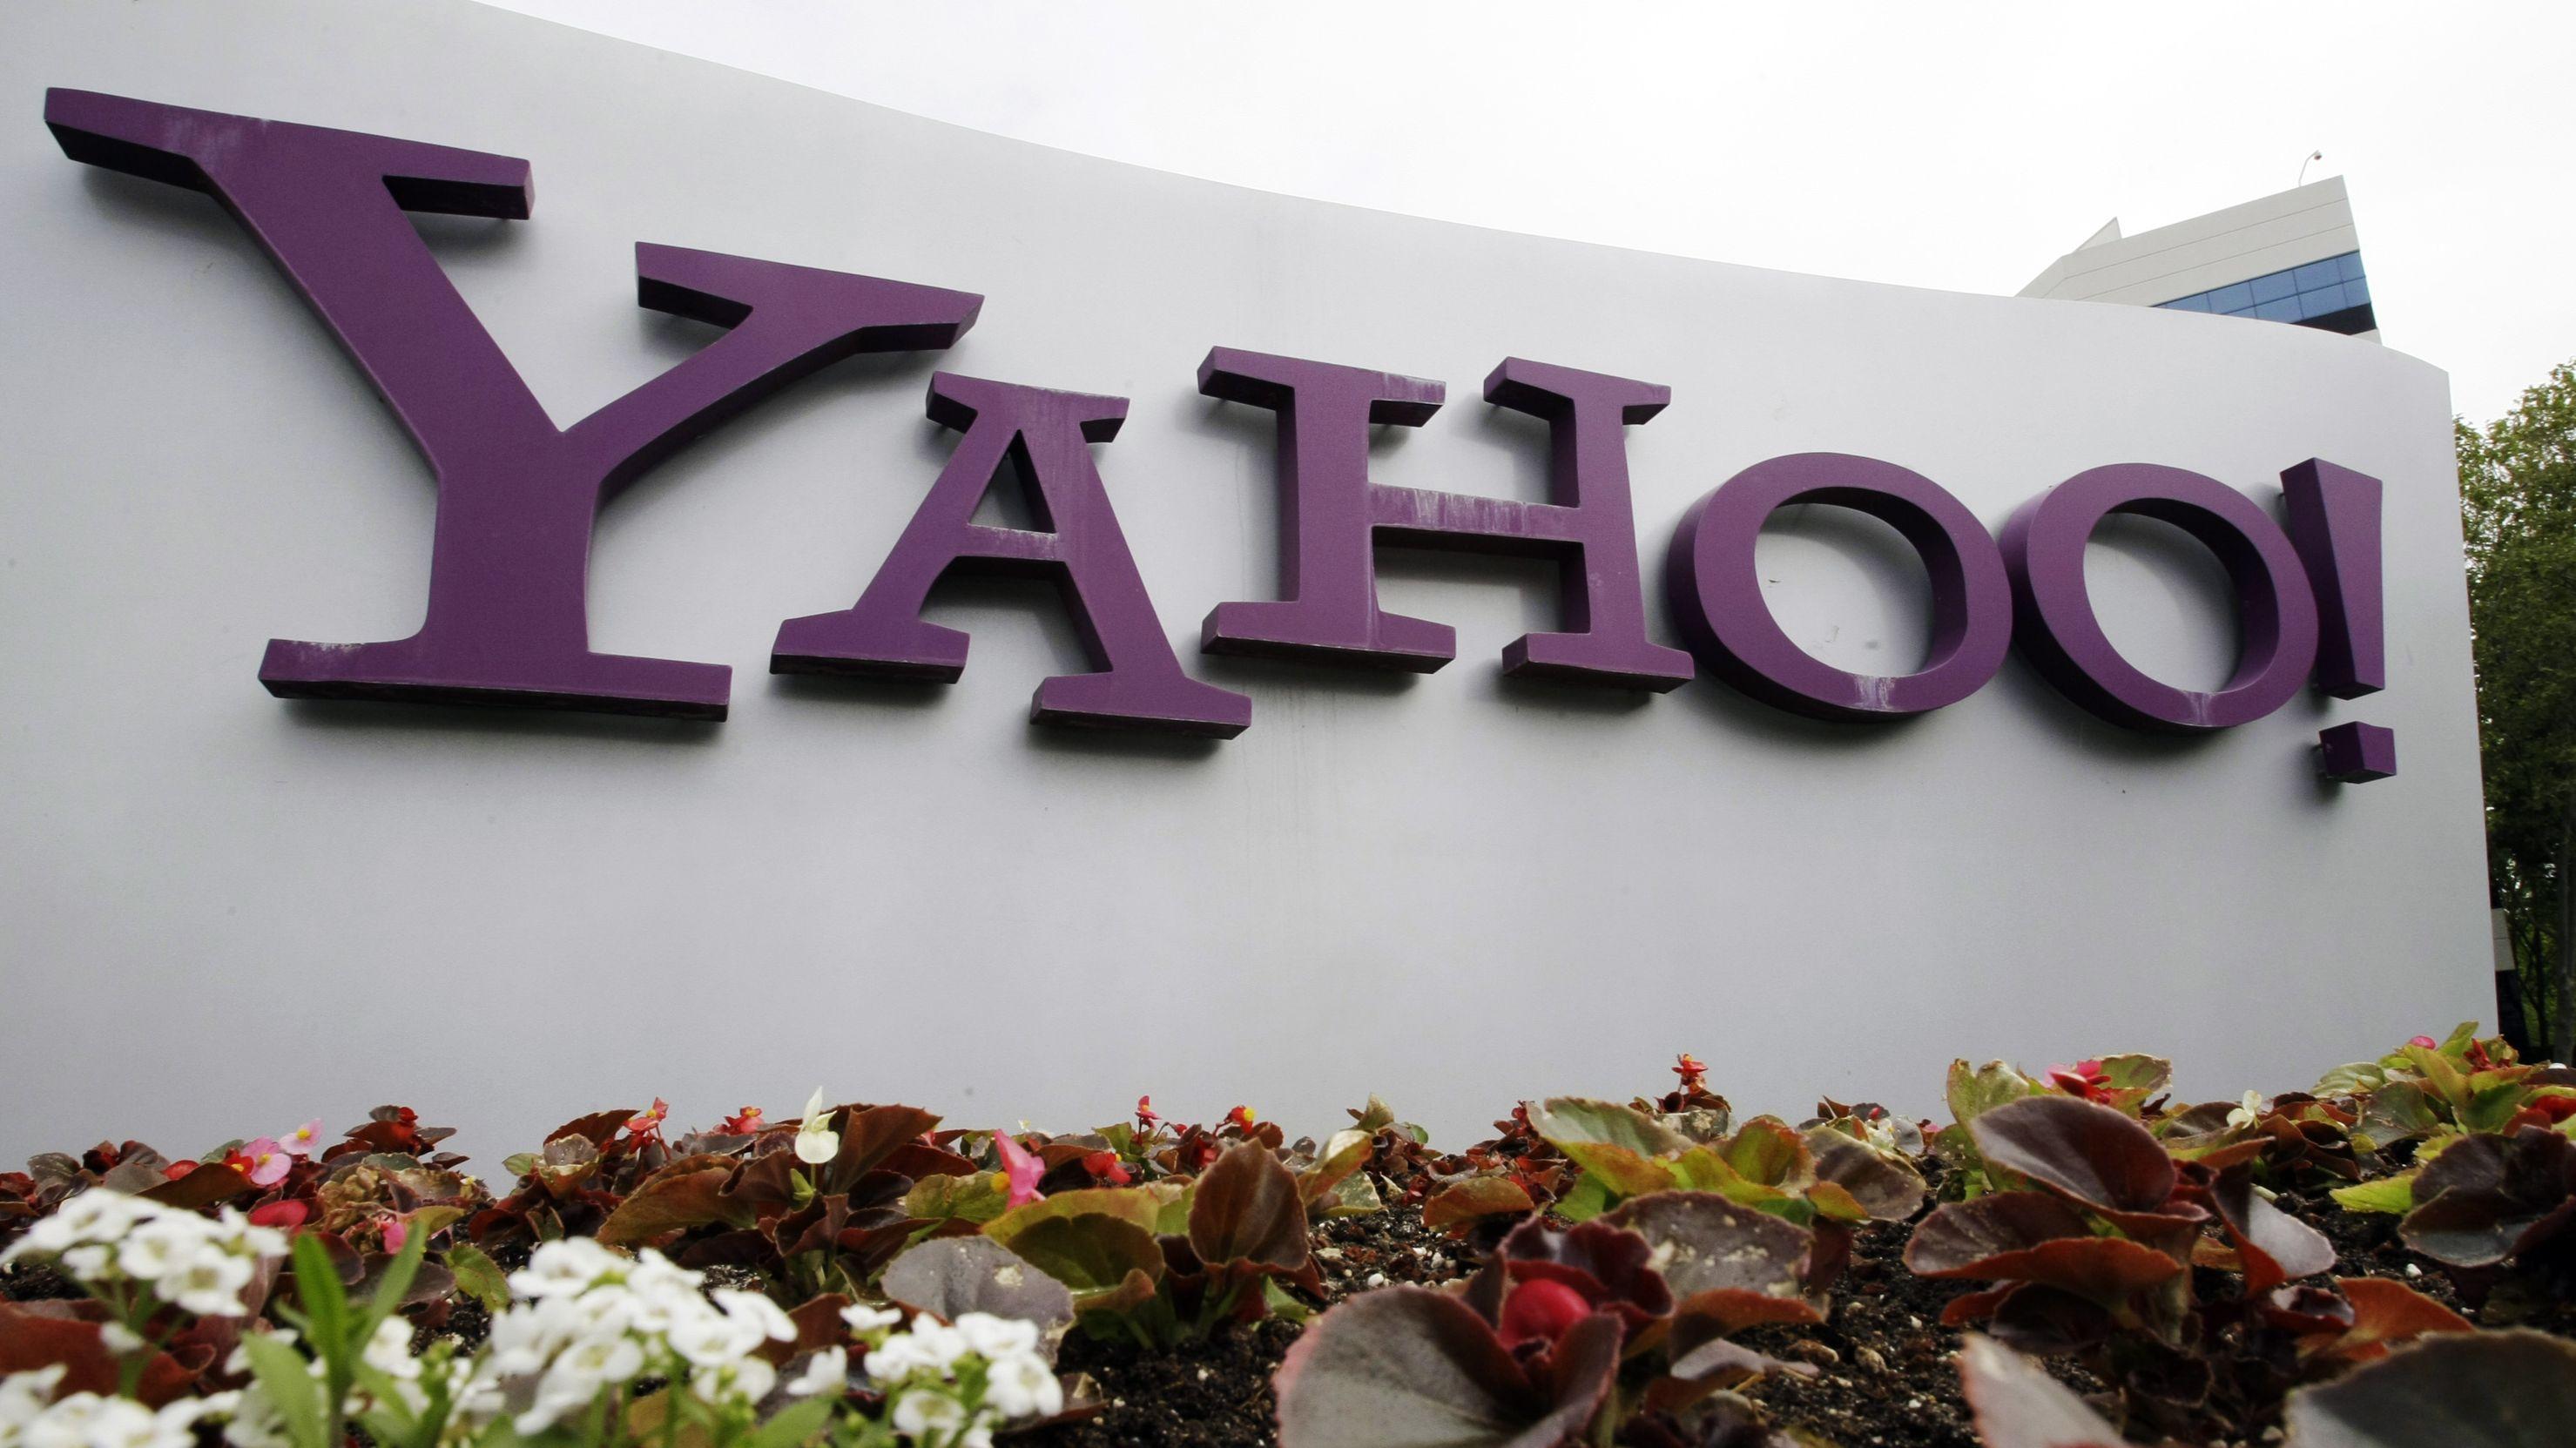 Die Dienste von Yahoo gehören heute zu Verizon, das Rest-Unternehmen verwaltet Anteile an Alibaba und Co. und heißt Altaba.